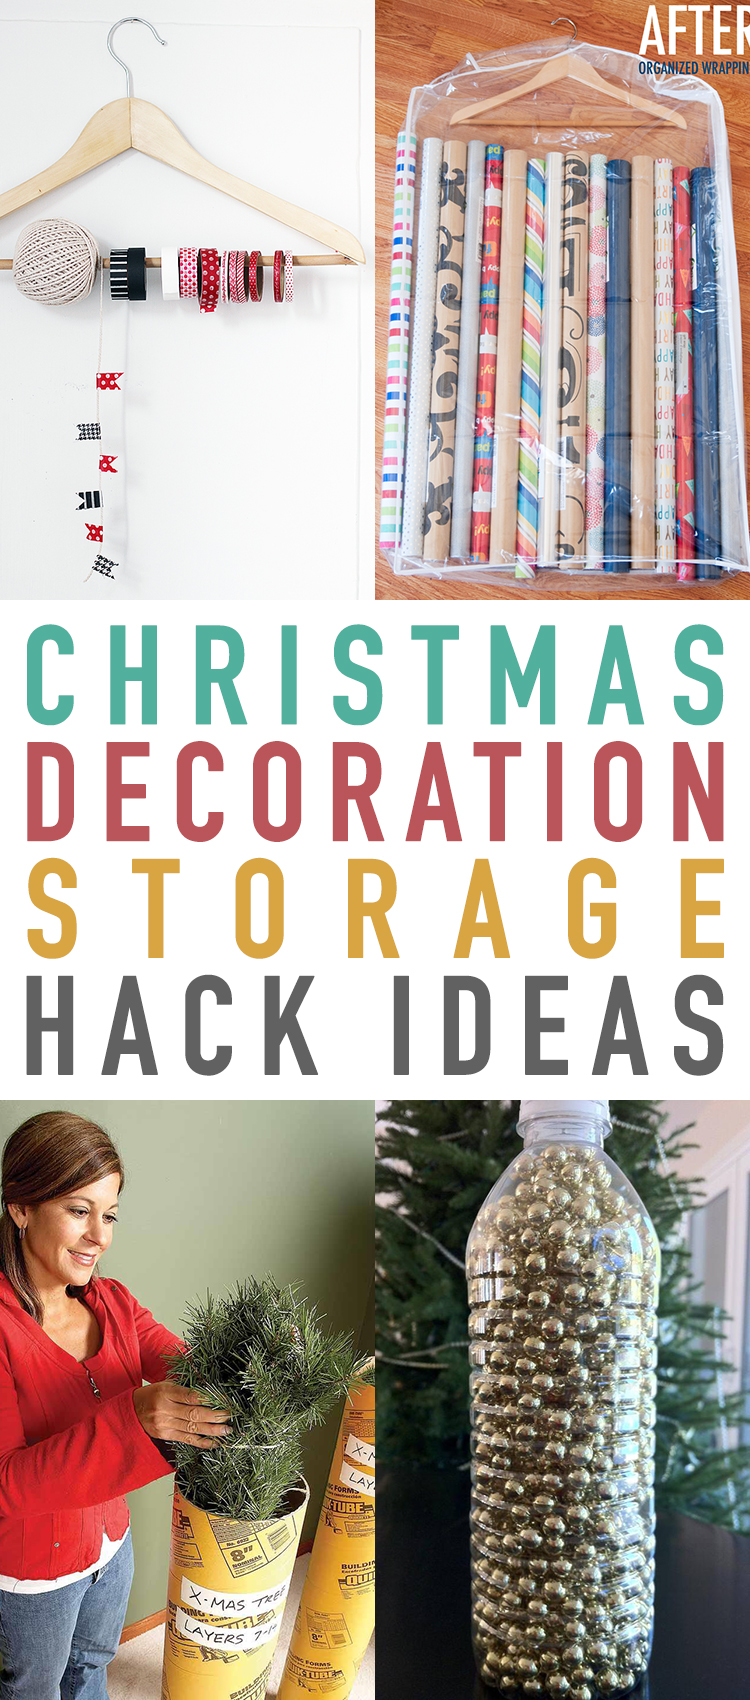 http://thecottagemarket.com/wp-content/uploads/2017/11/ChristmasHacks-T-1.jpg